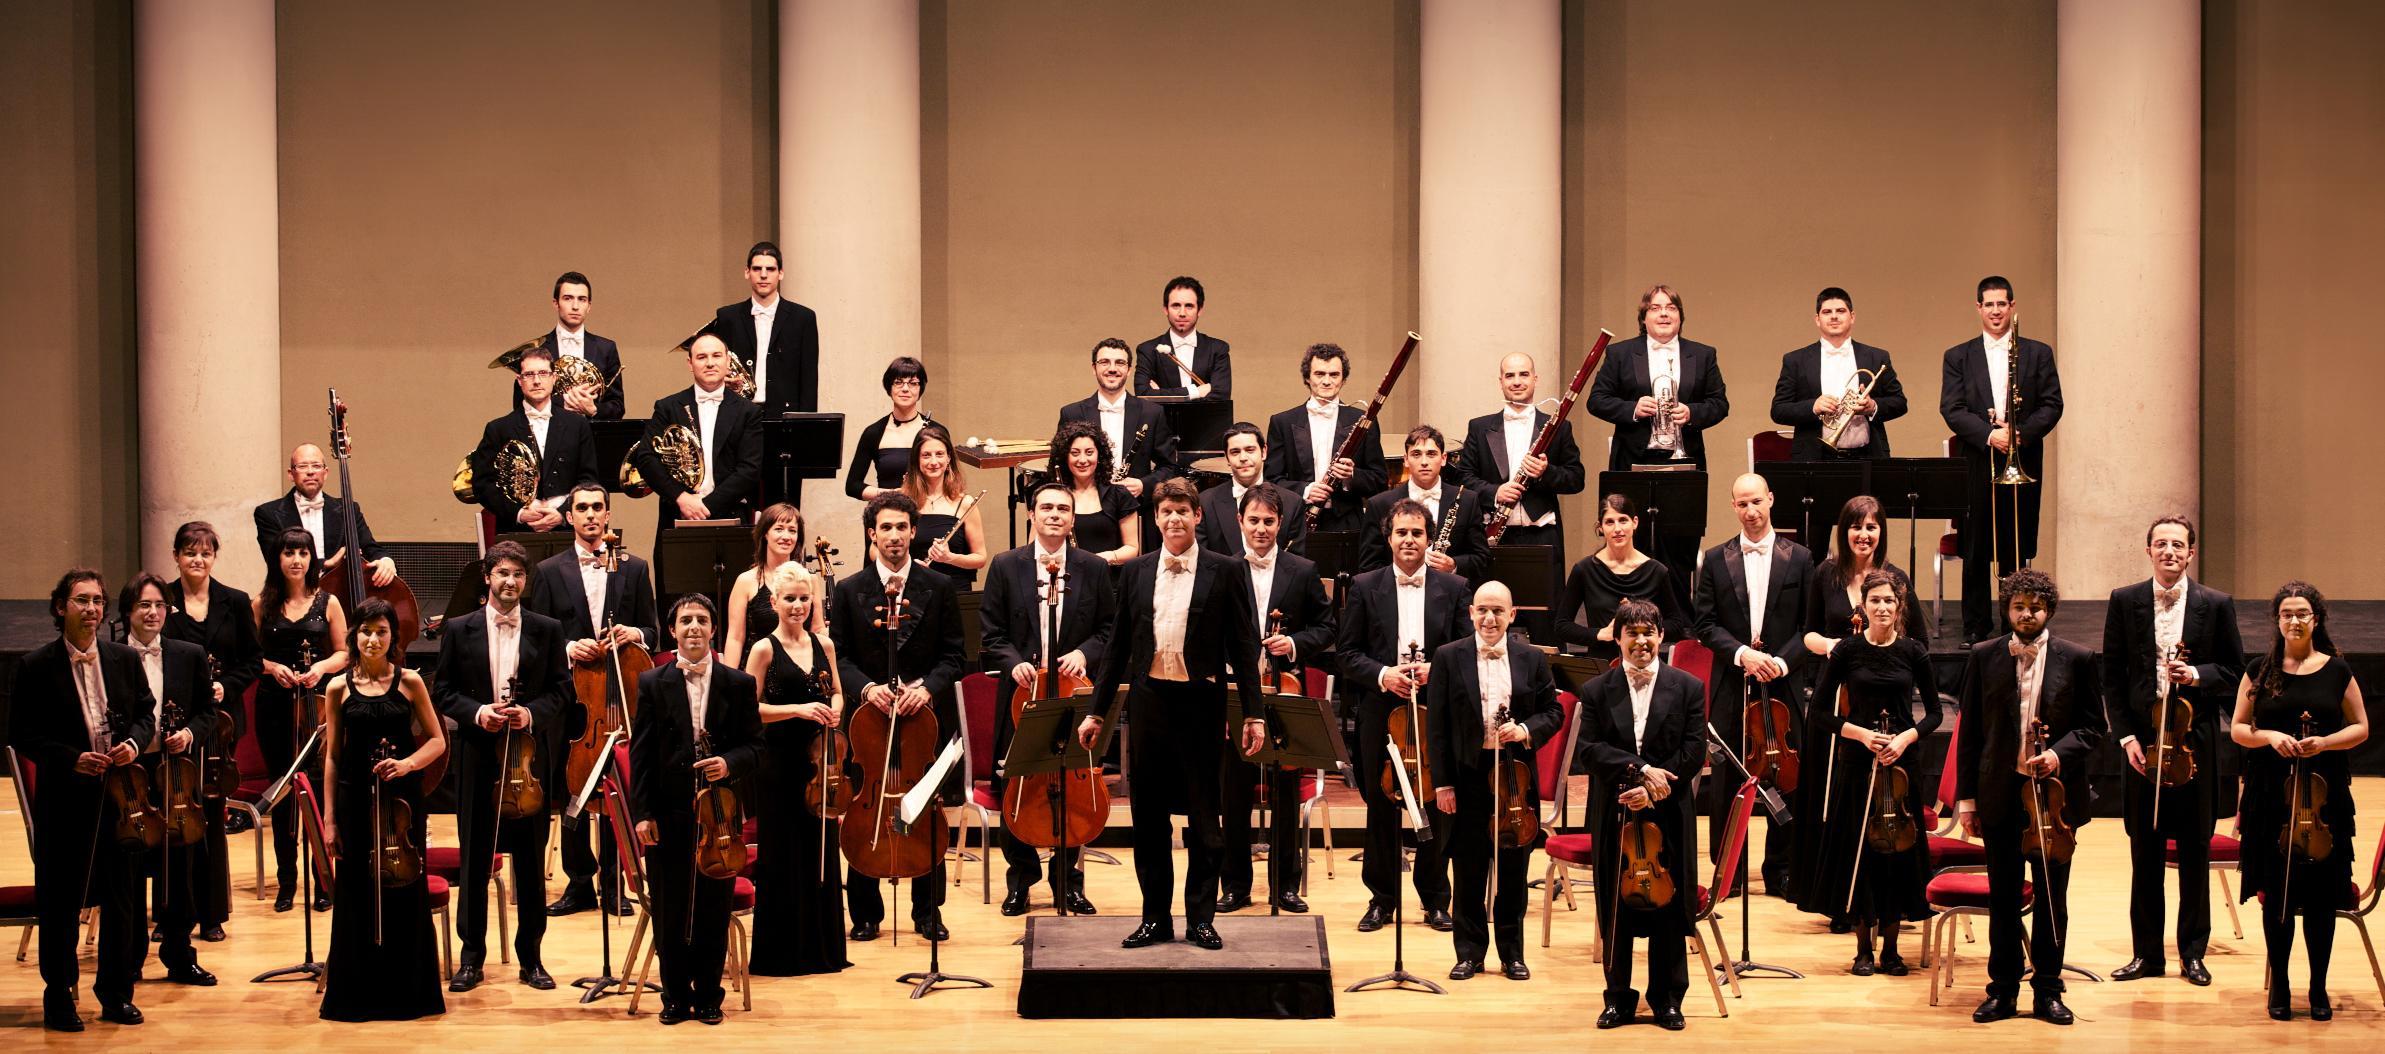 Concert de piano núm. 1 de Chopin